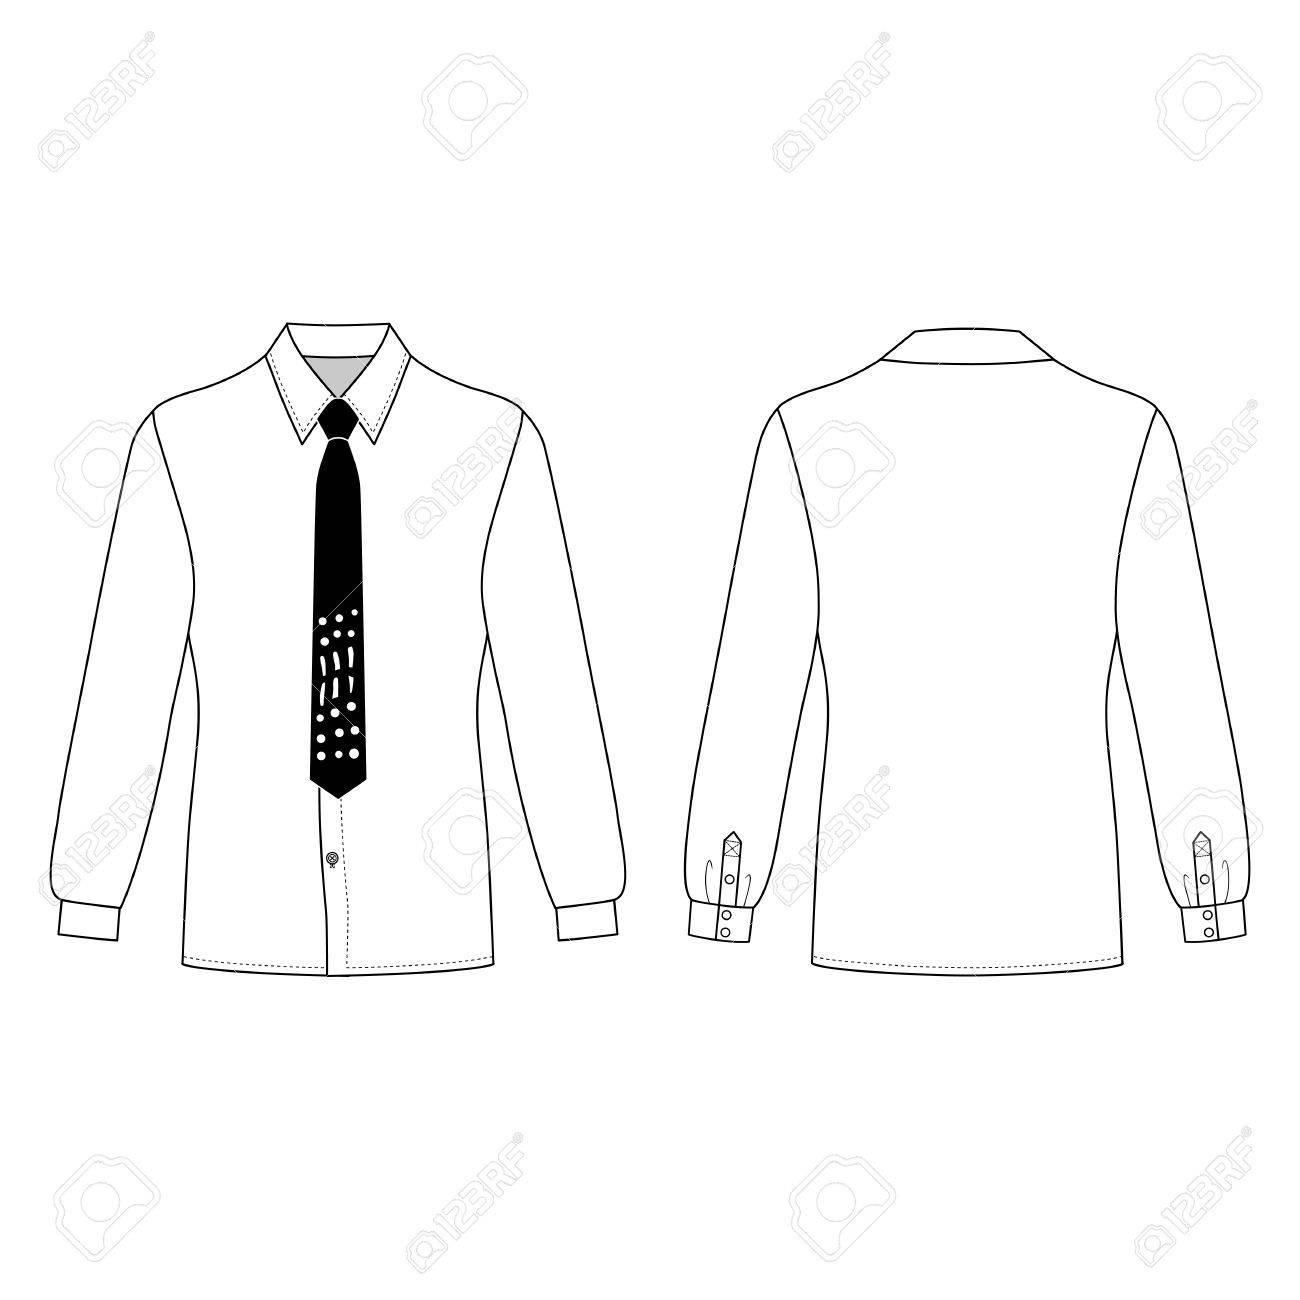 Long Sleeve Shirt With Collar Template | Lauren Goss